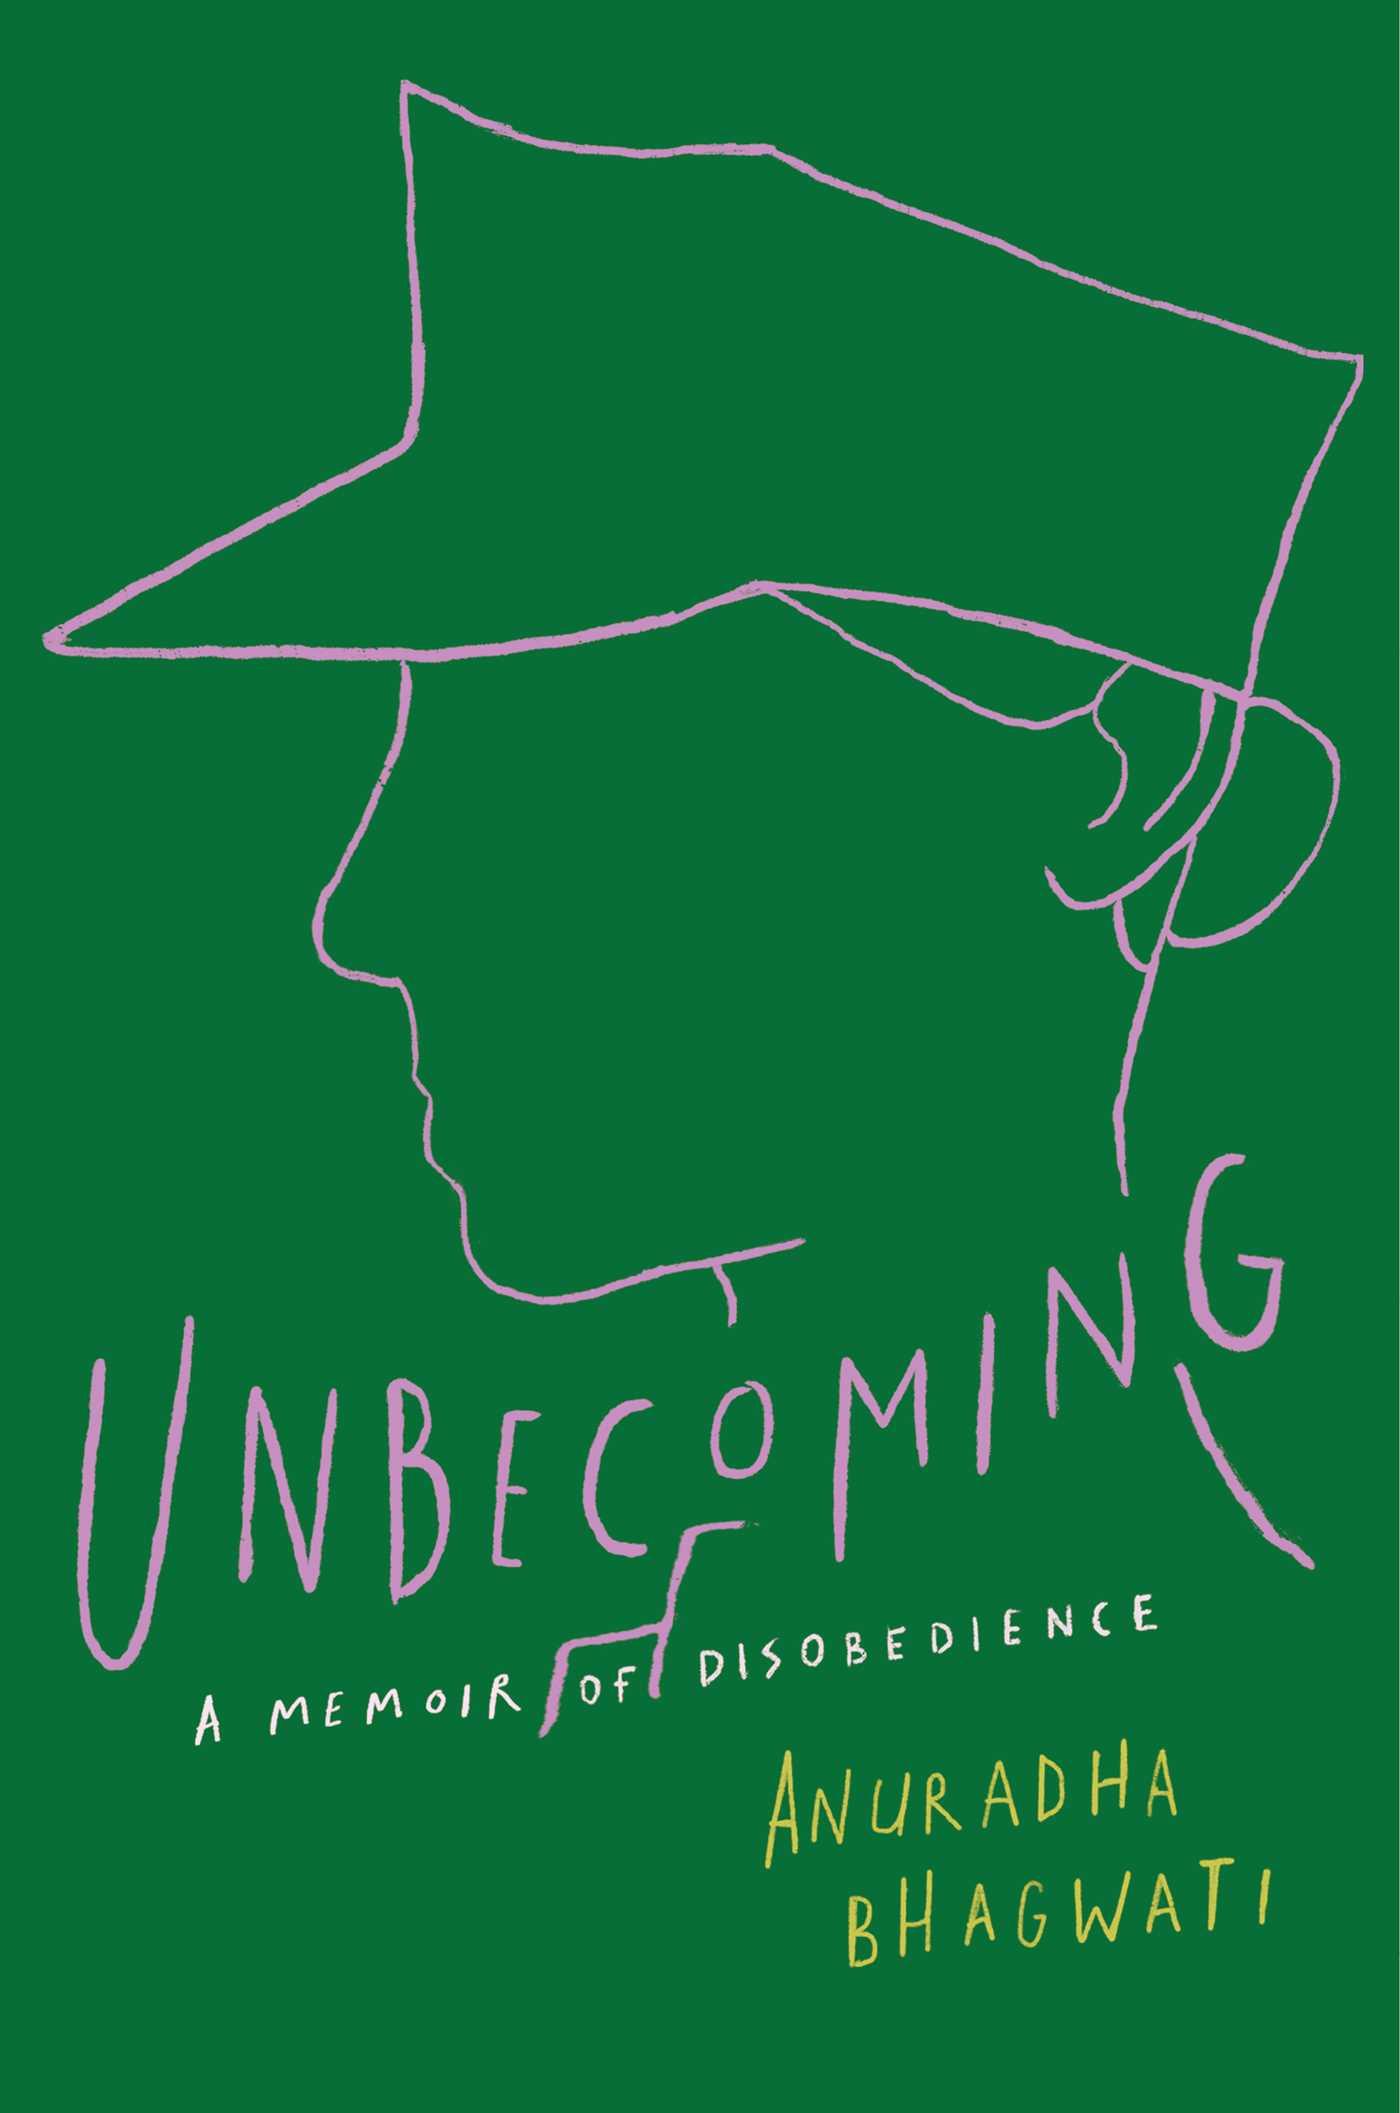 Cover design: Anna Morrison